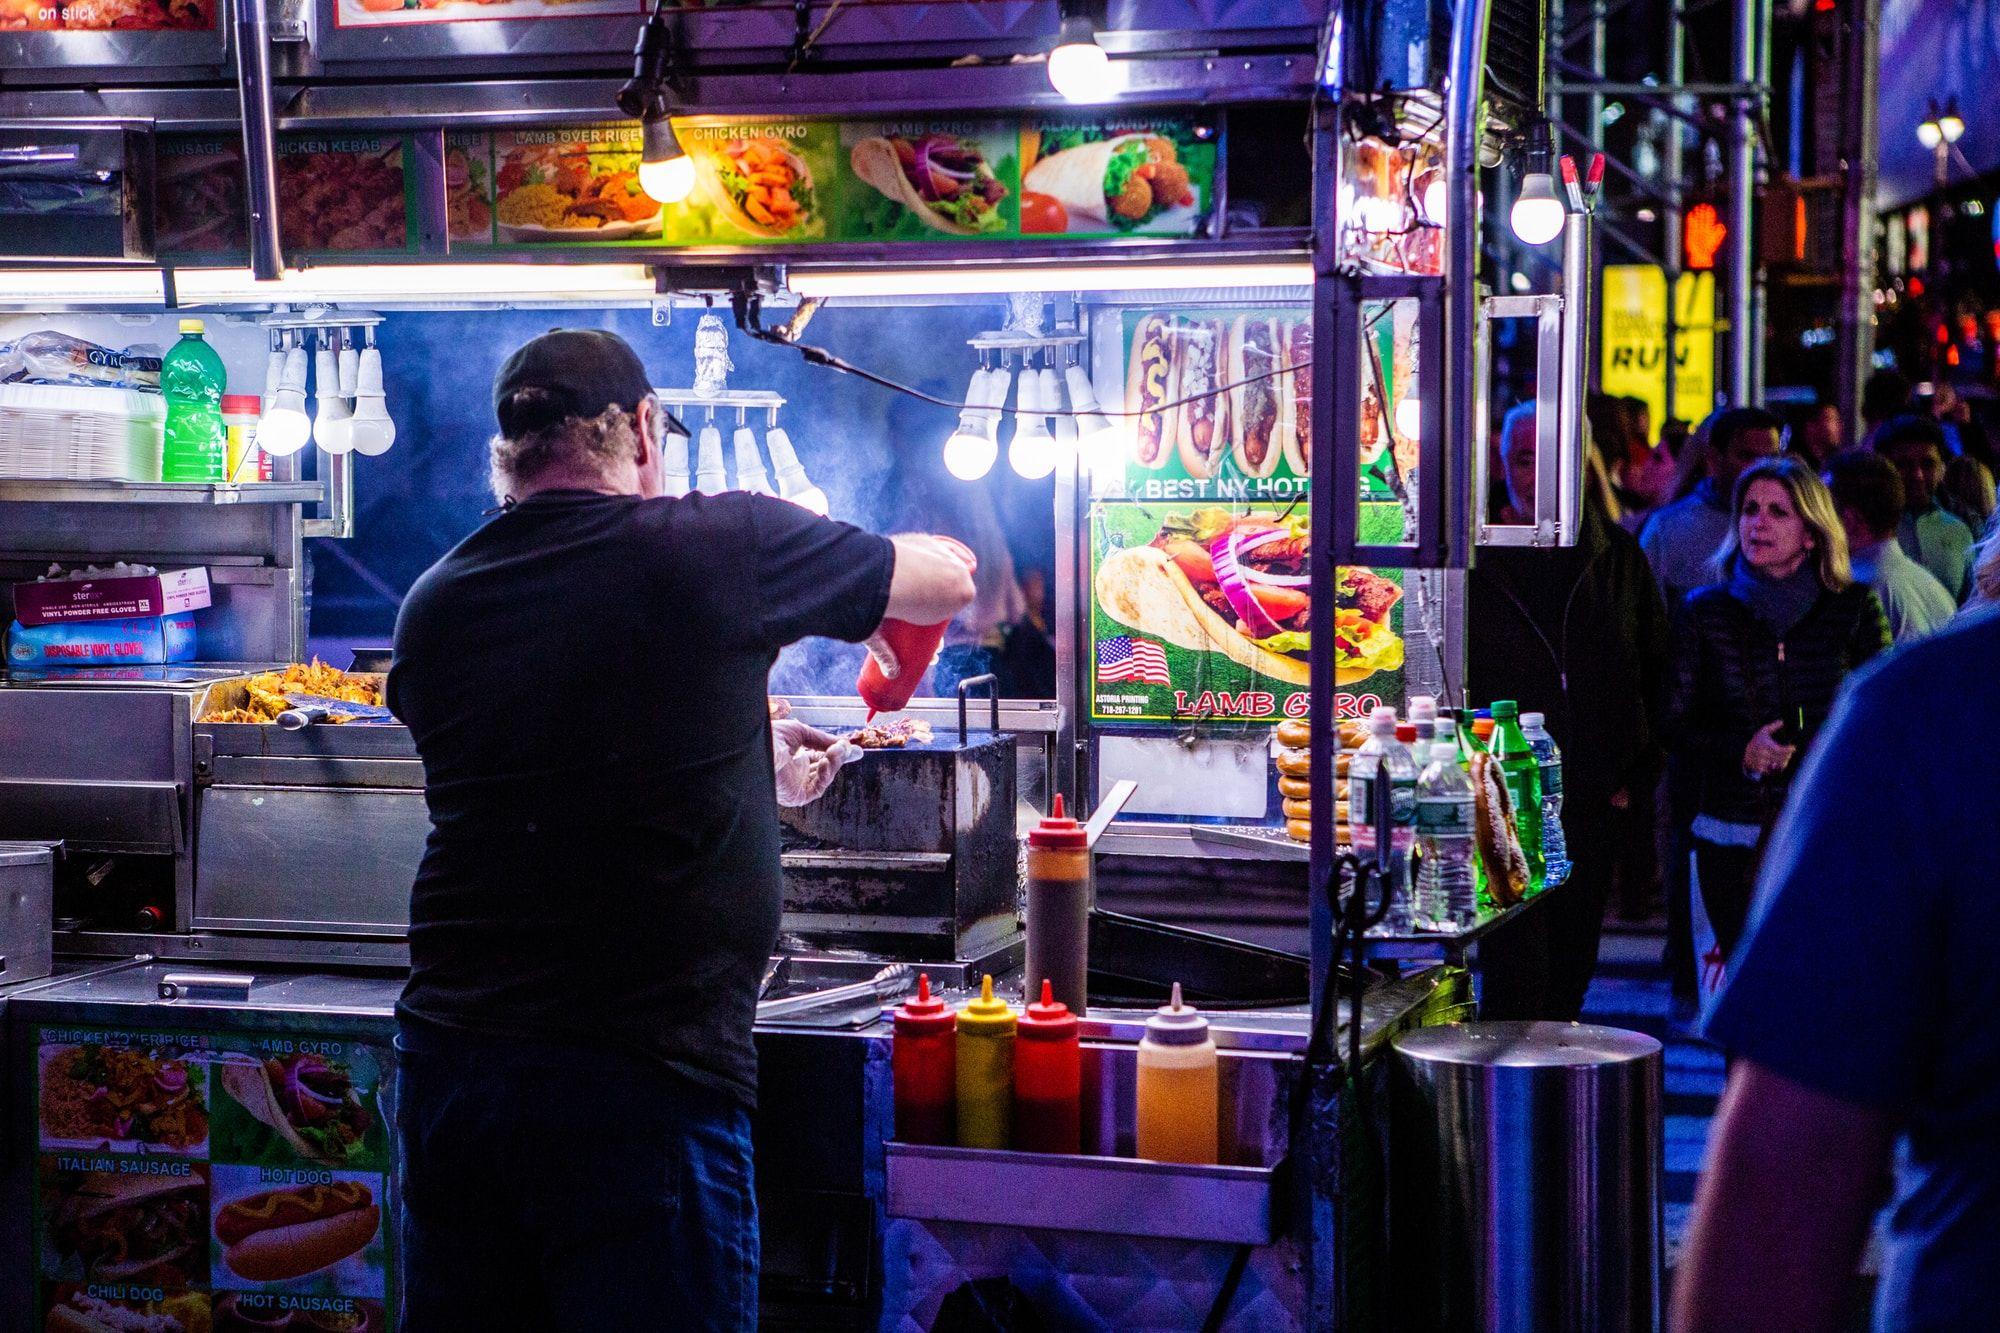 Arcades at Butlins Minehead